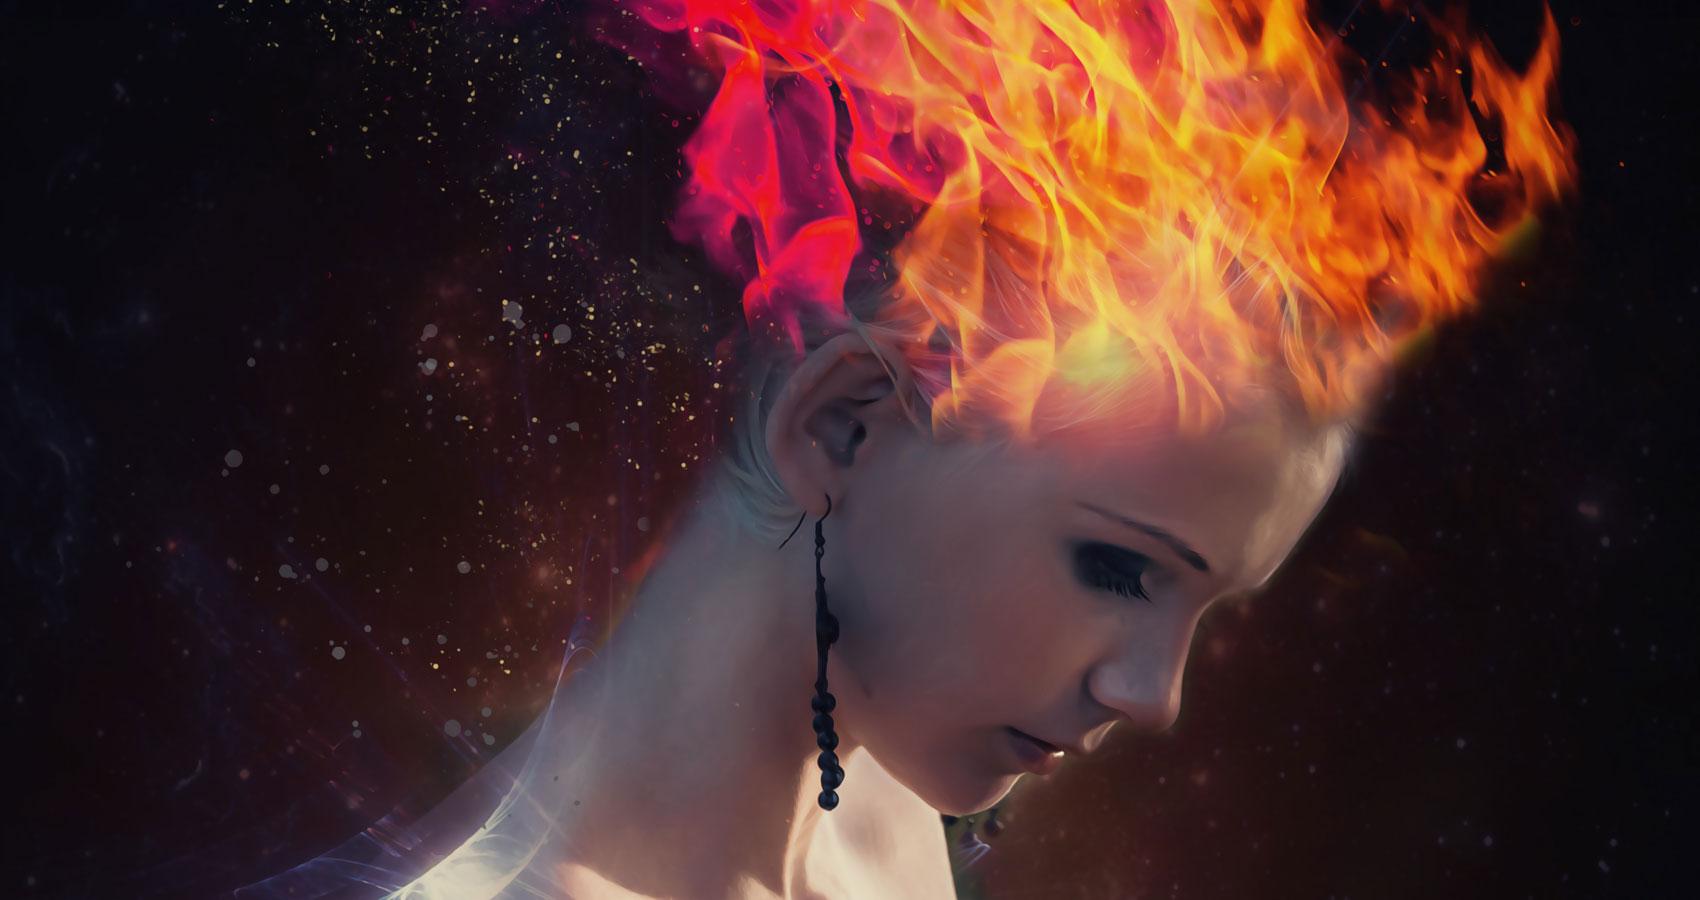 Light, Darkness, Battle, and Glory, by Amanda Eifert at Spillwords.com